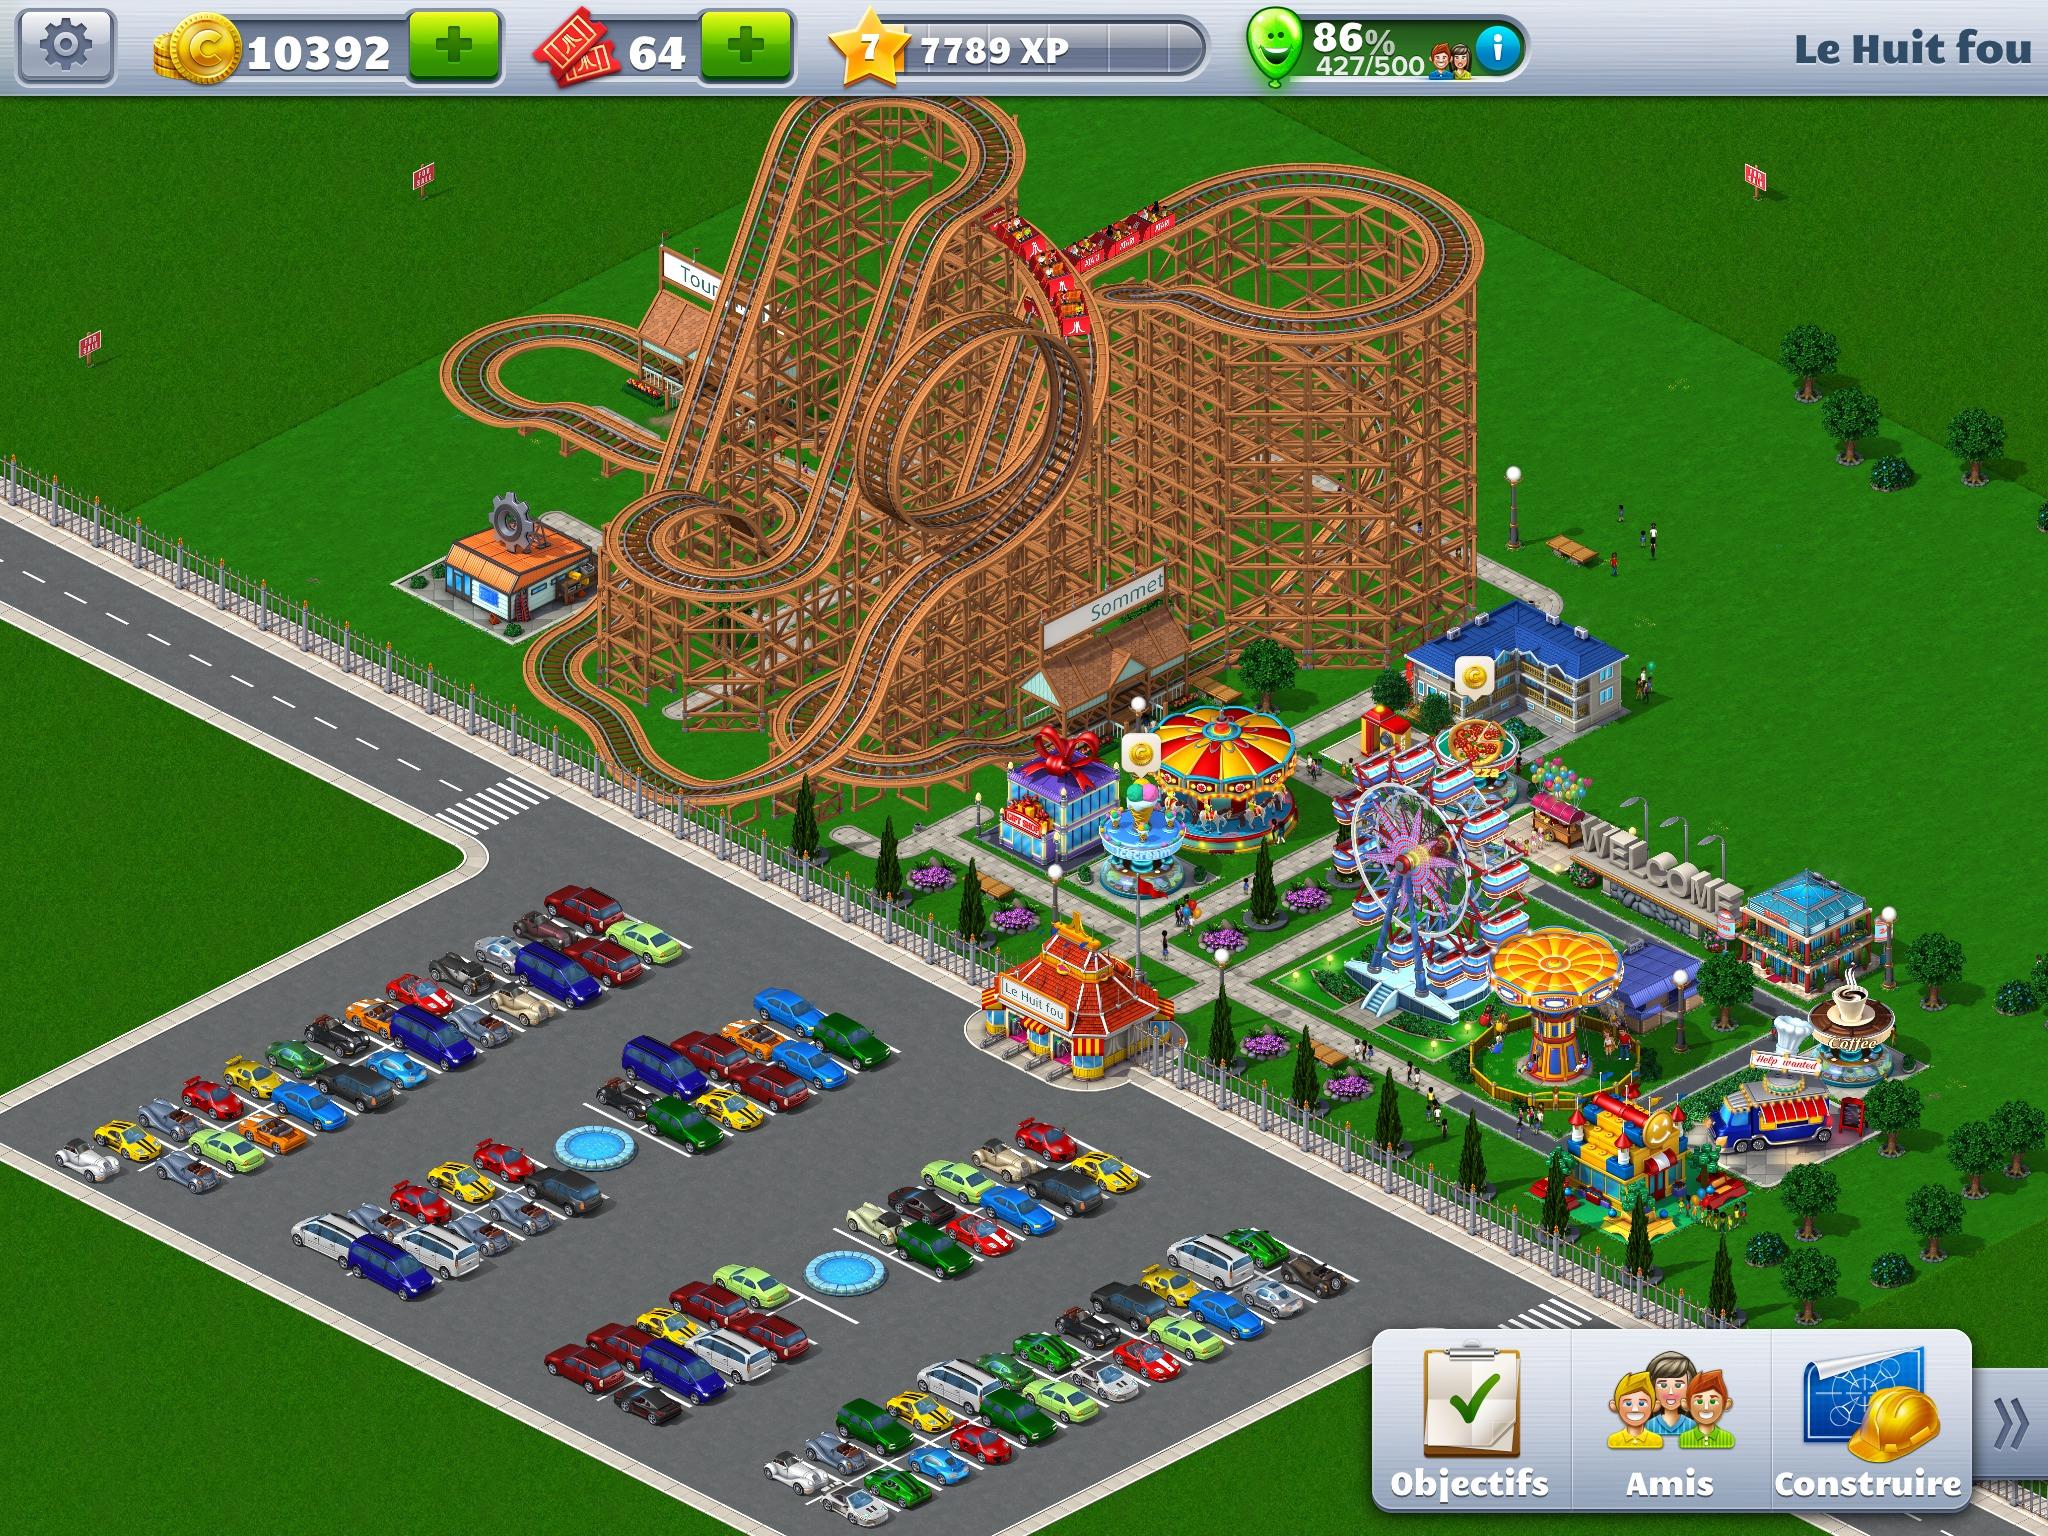 des montagnes russes pour roller coaster tycoon 3